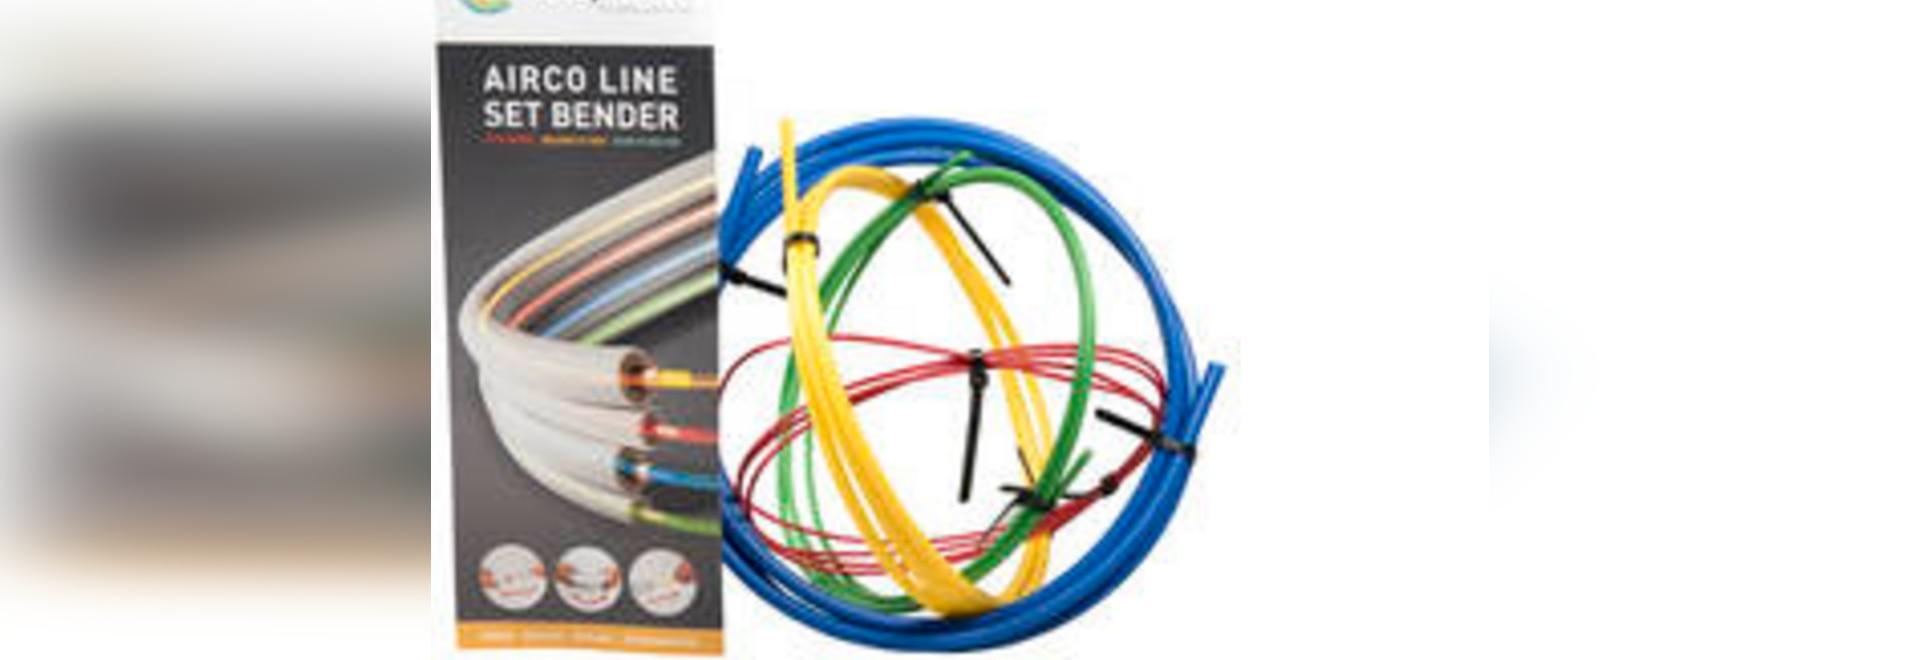 El doblador del tubo de Easybend de Marketair elimina las torceduras costosas de Lineset en instalaciones de Minisplit/VRF